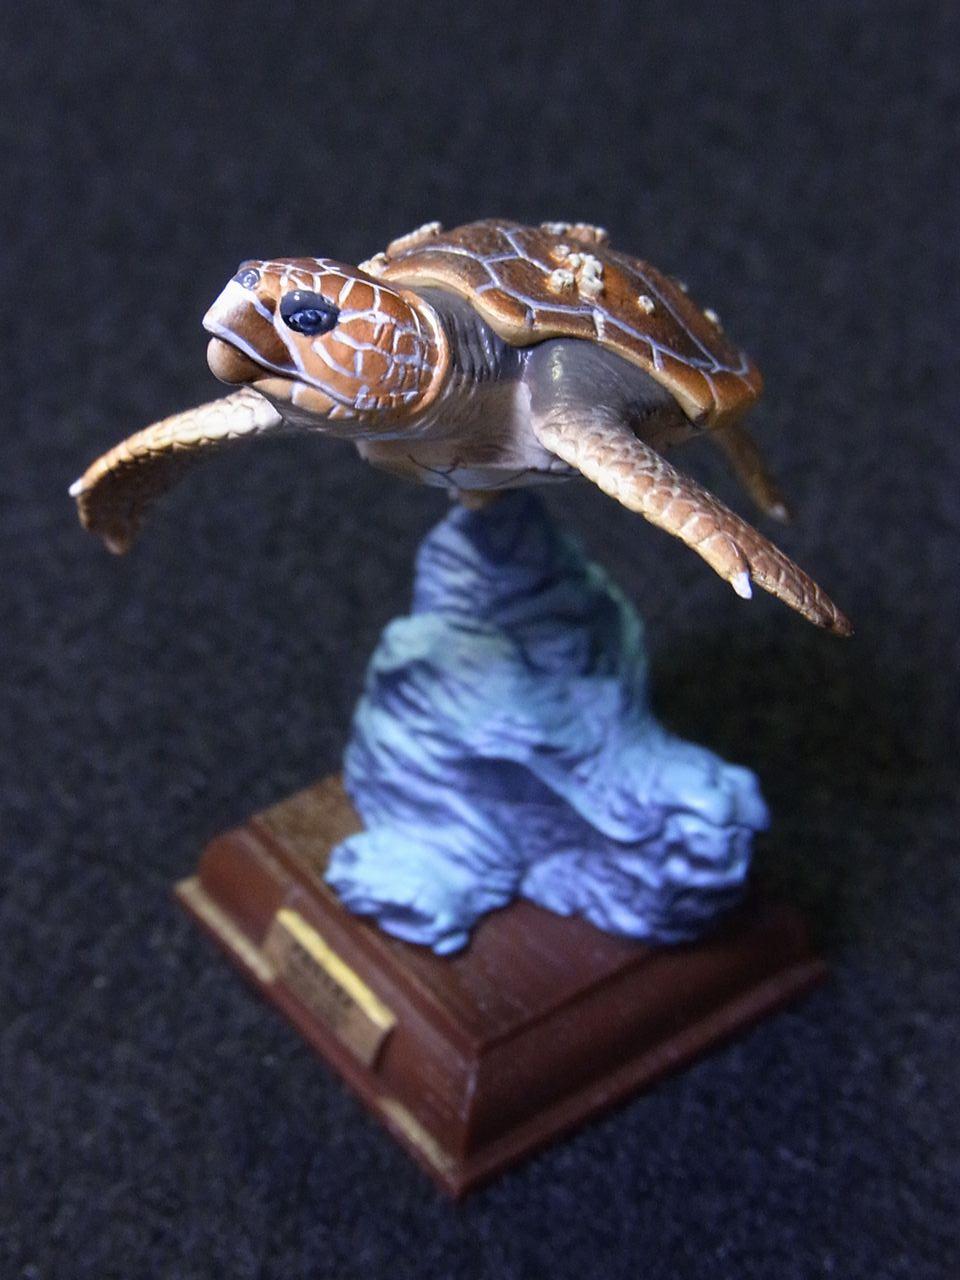 ネイチャーテクニカラー,アカウミガメ